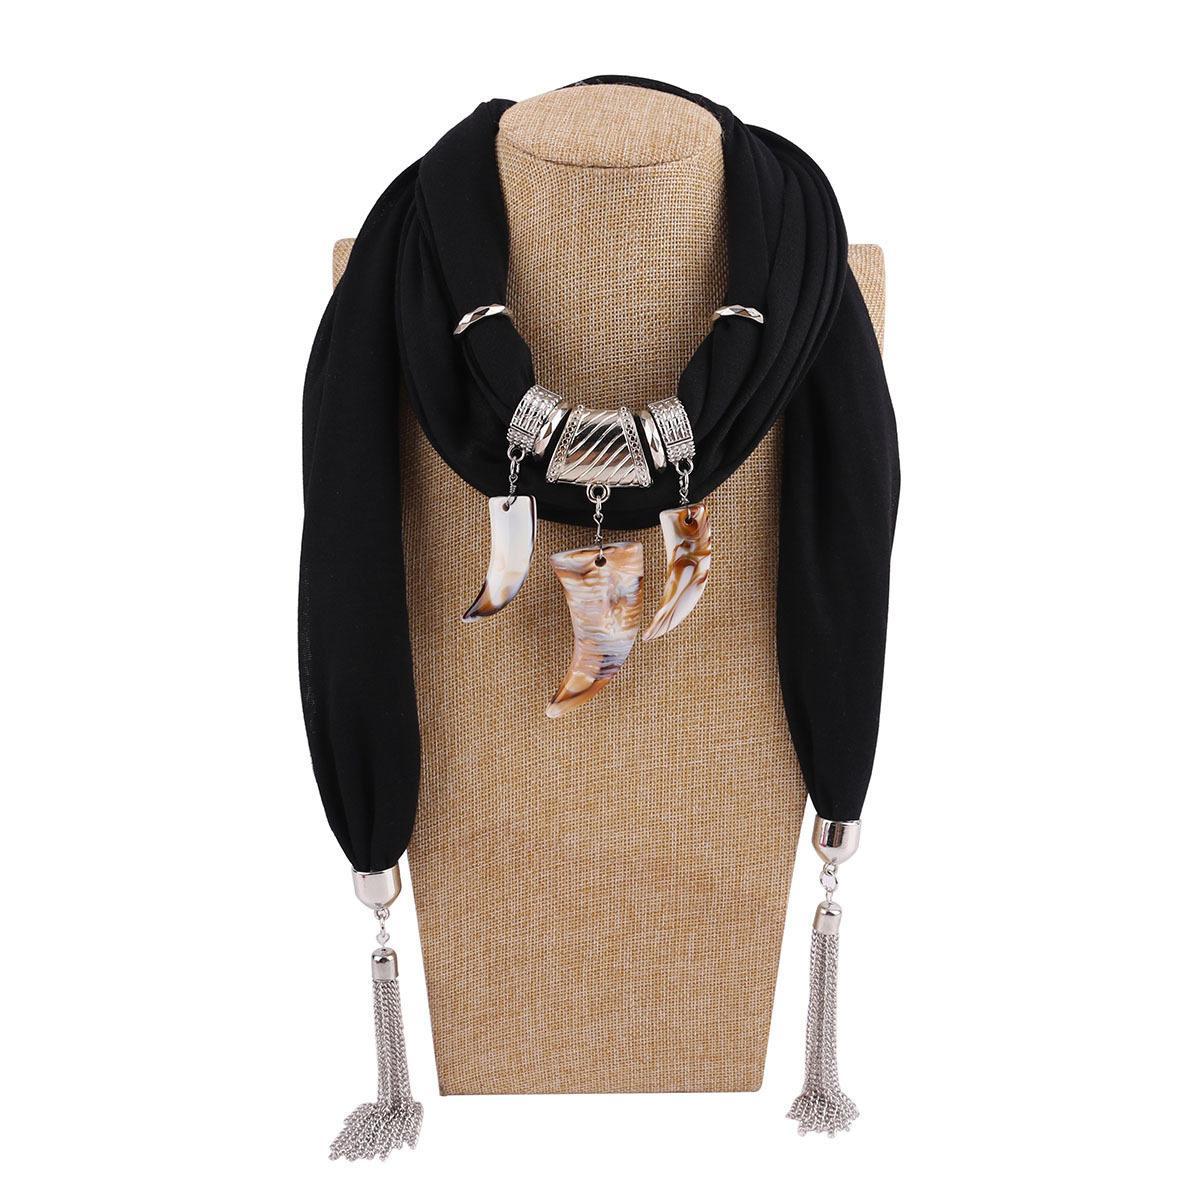 Европейский и американский стиль смола подвеска шарфы 2018 новый модный женский сплав цепочки кисточки этнические простые теплые полиэстер обертывания LSF083